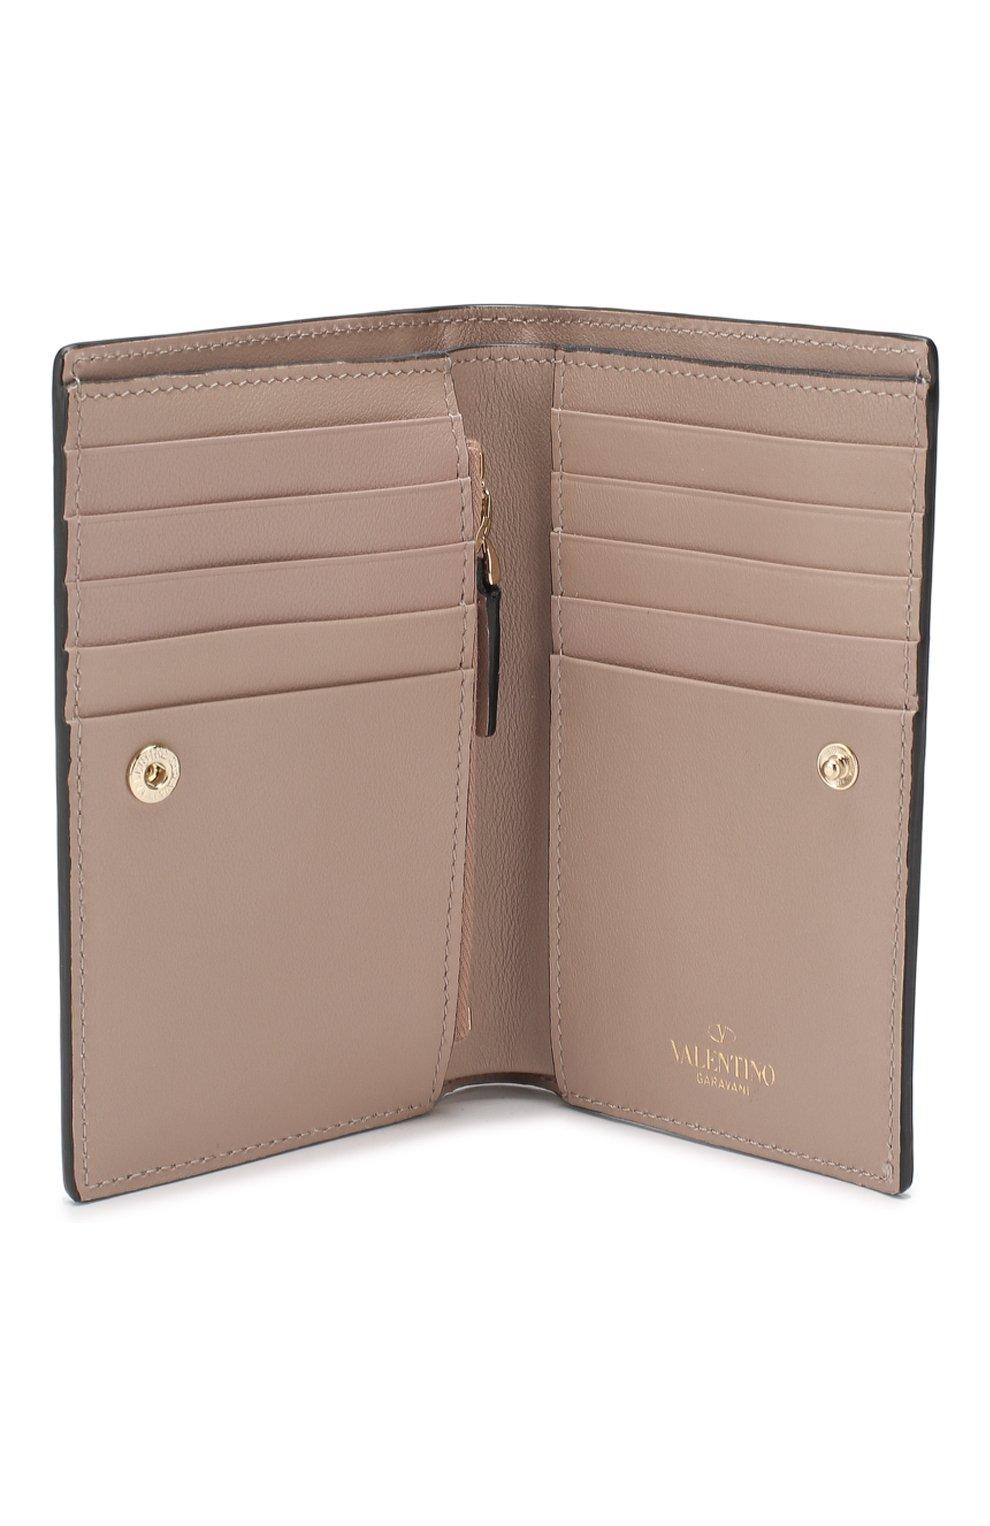 Кожаный кошелек Valentino Garavani Rockstud | Фото №3